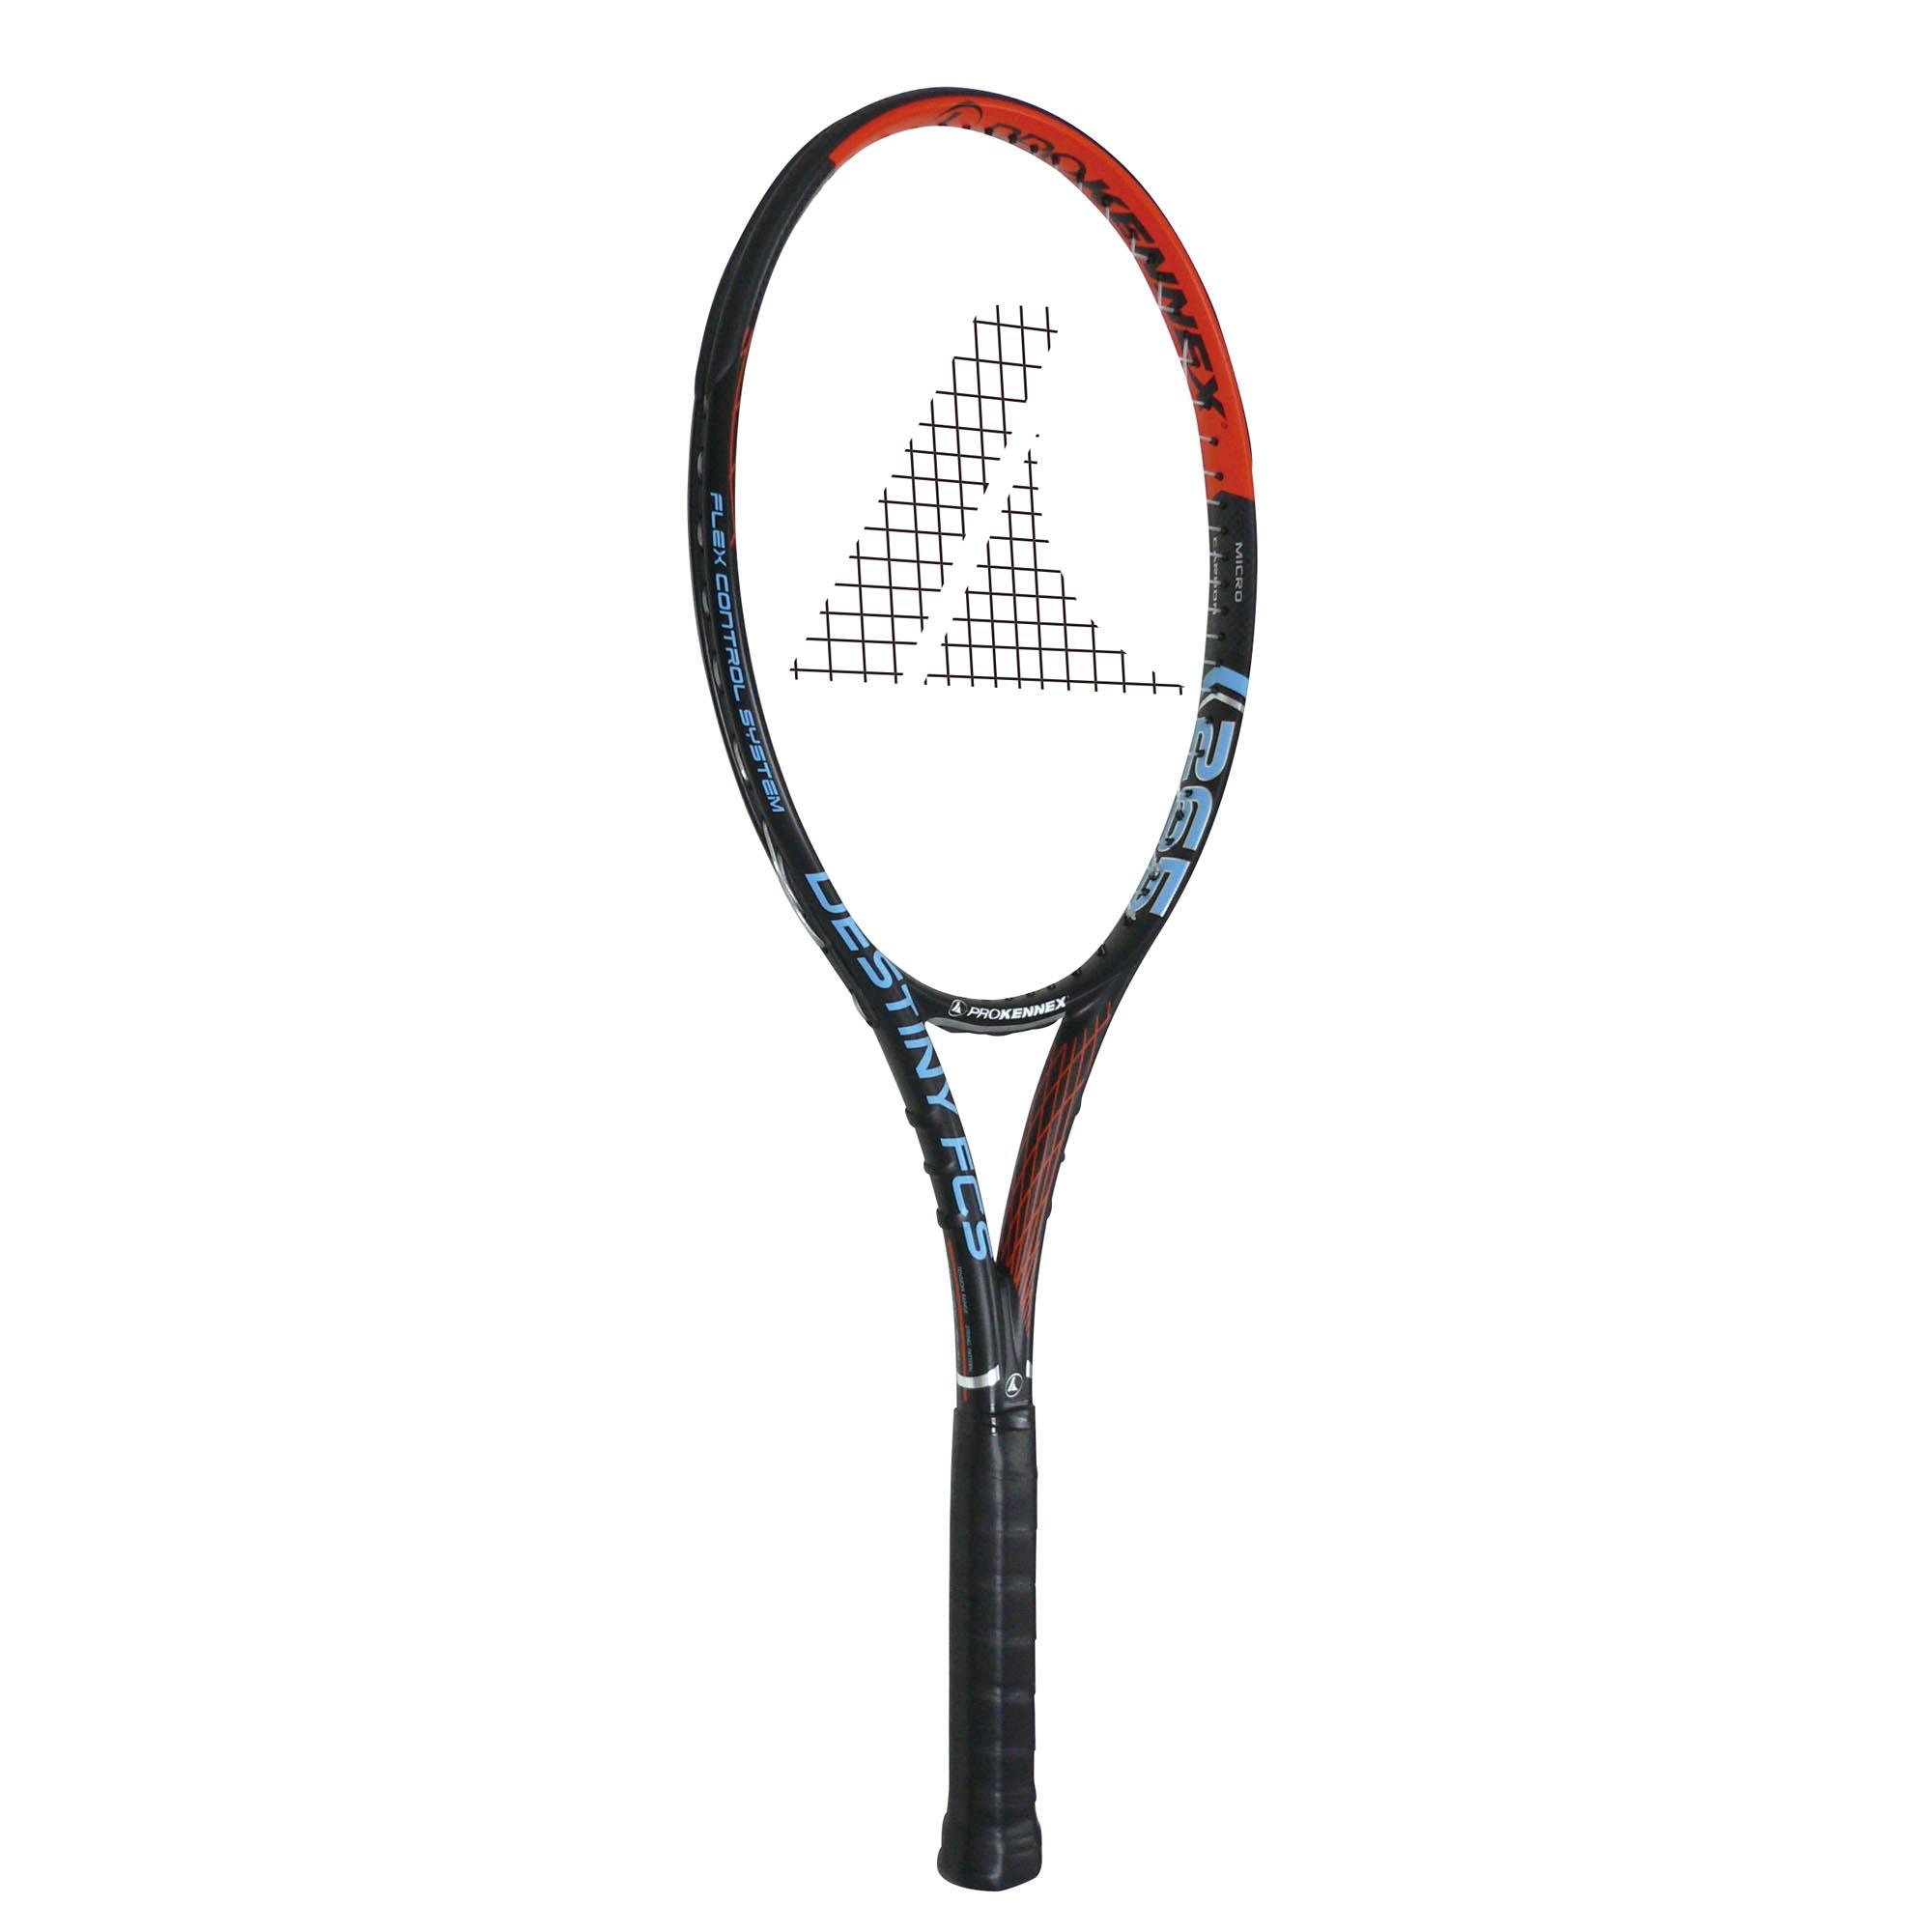 ProKennex Destiny FCS 265 Tennis Racket  BlackOrange Grip 2